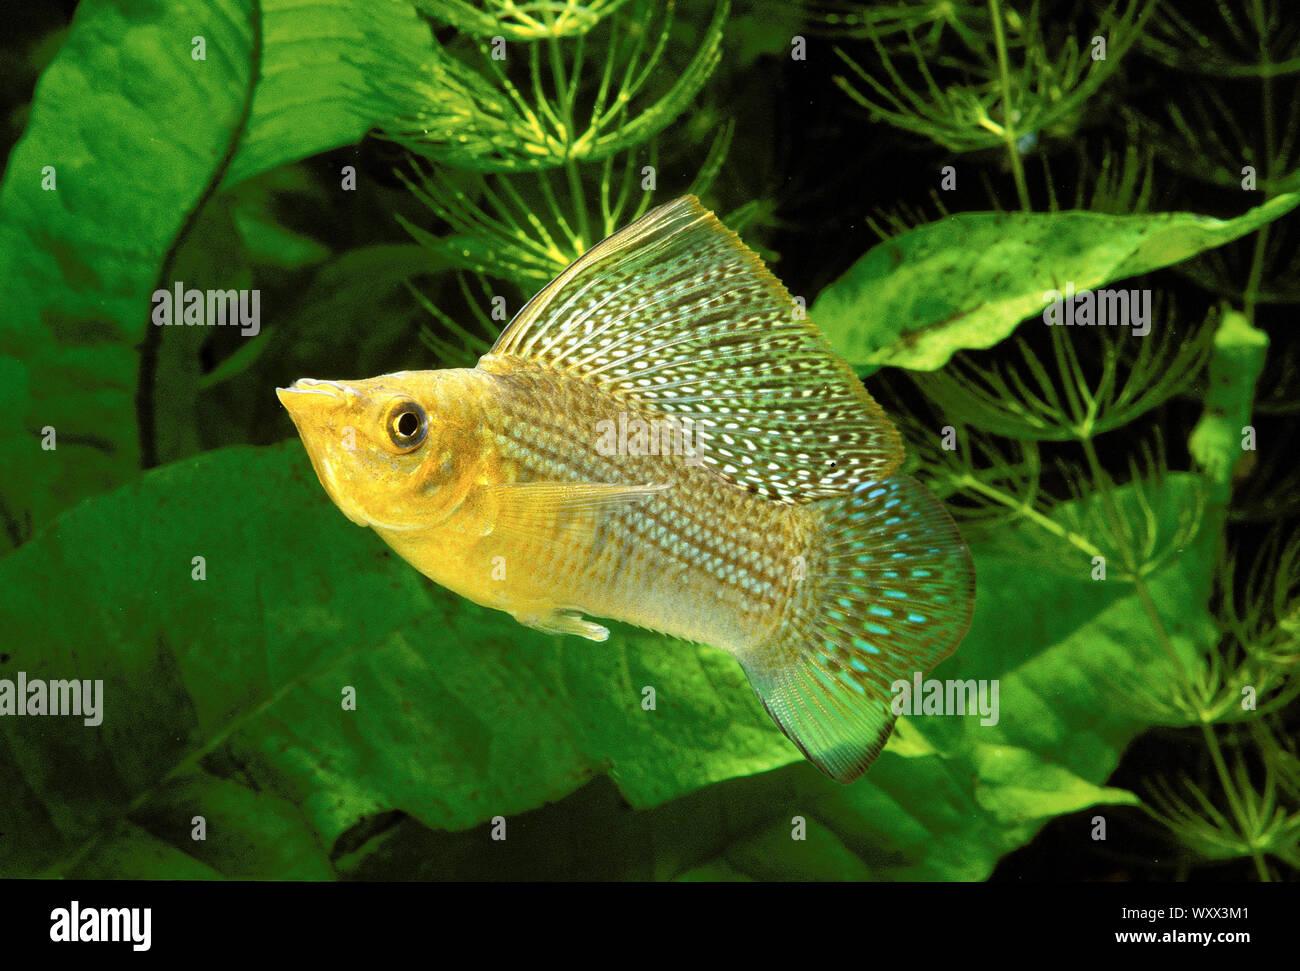 Yucatan molly (Poecilia velifera) male in aquarium Stock Photo